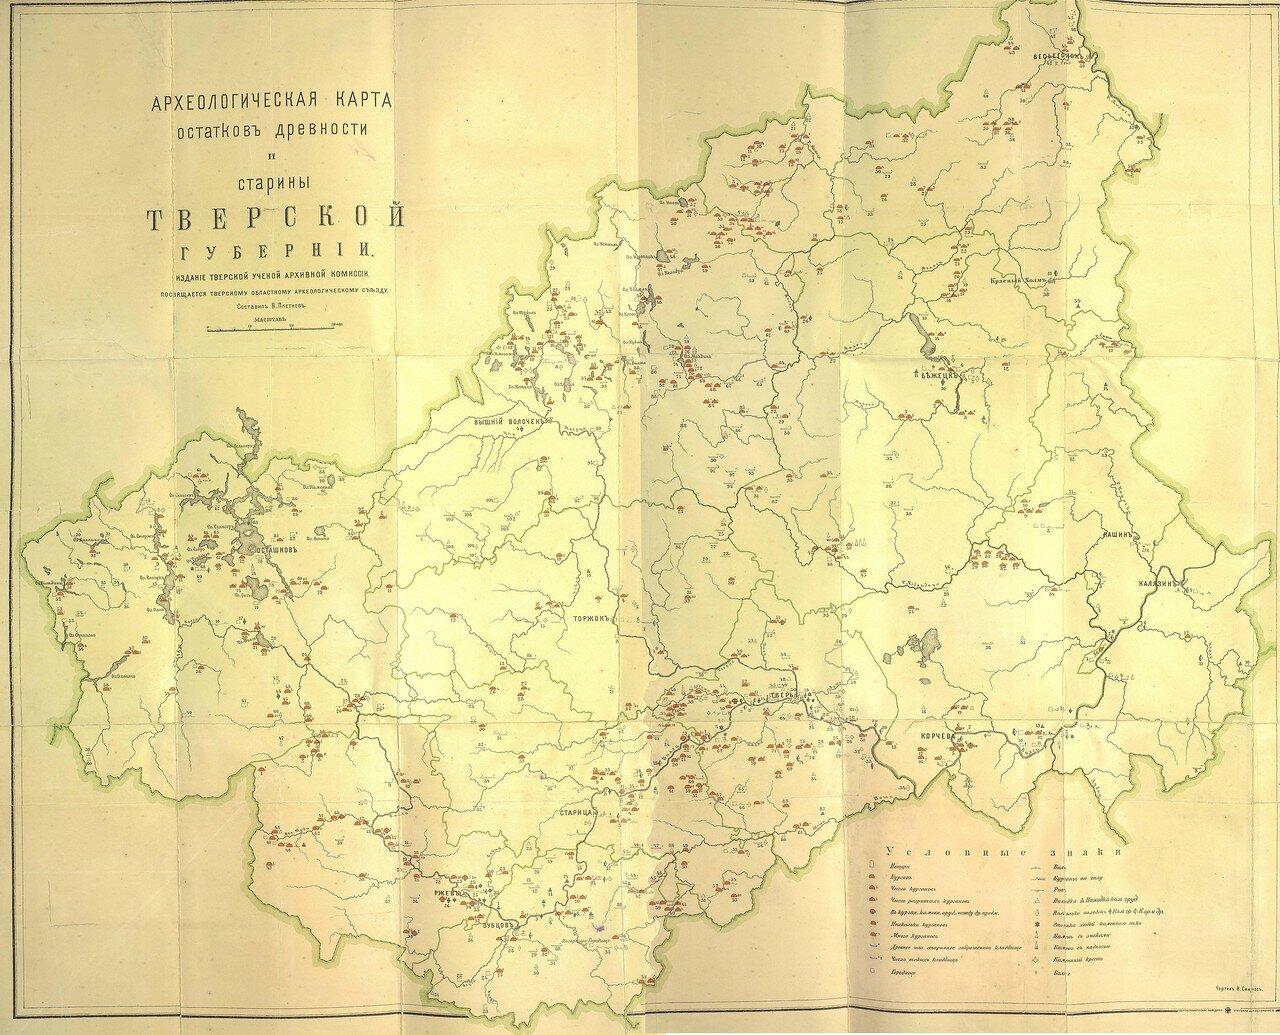 Археологическая карта Тверской губернии, составленная В. Д. Плетневым в 1903 году